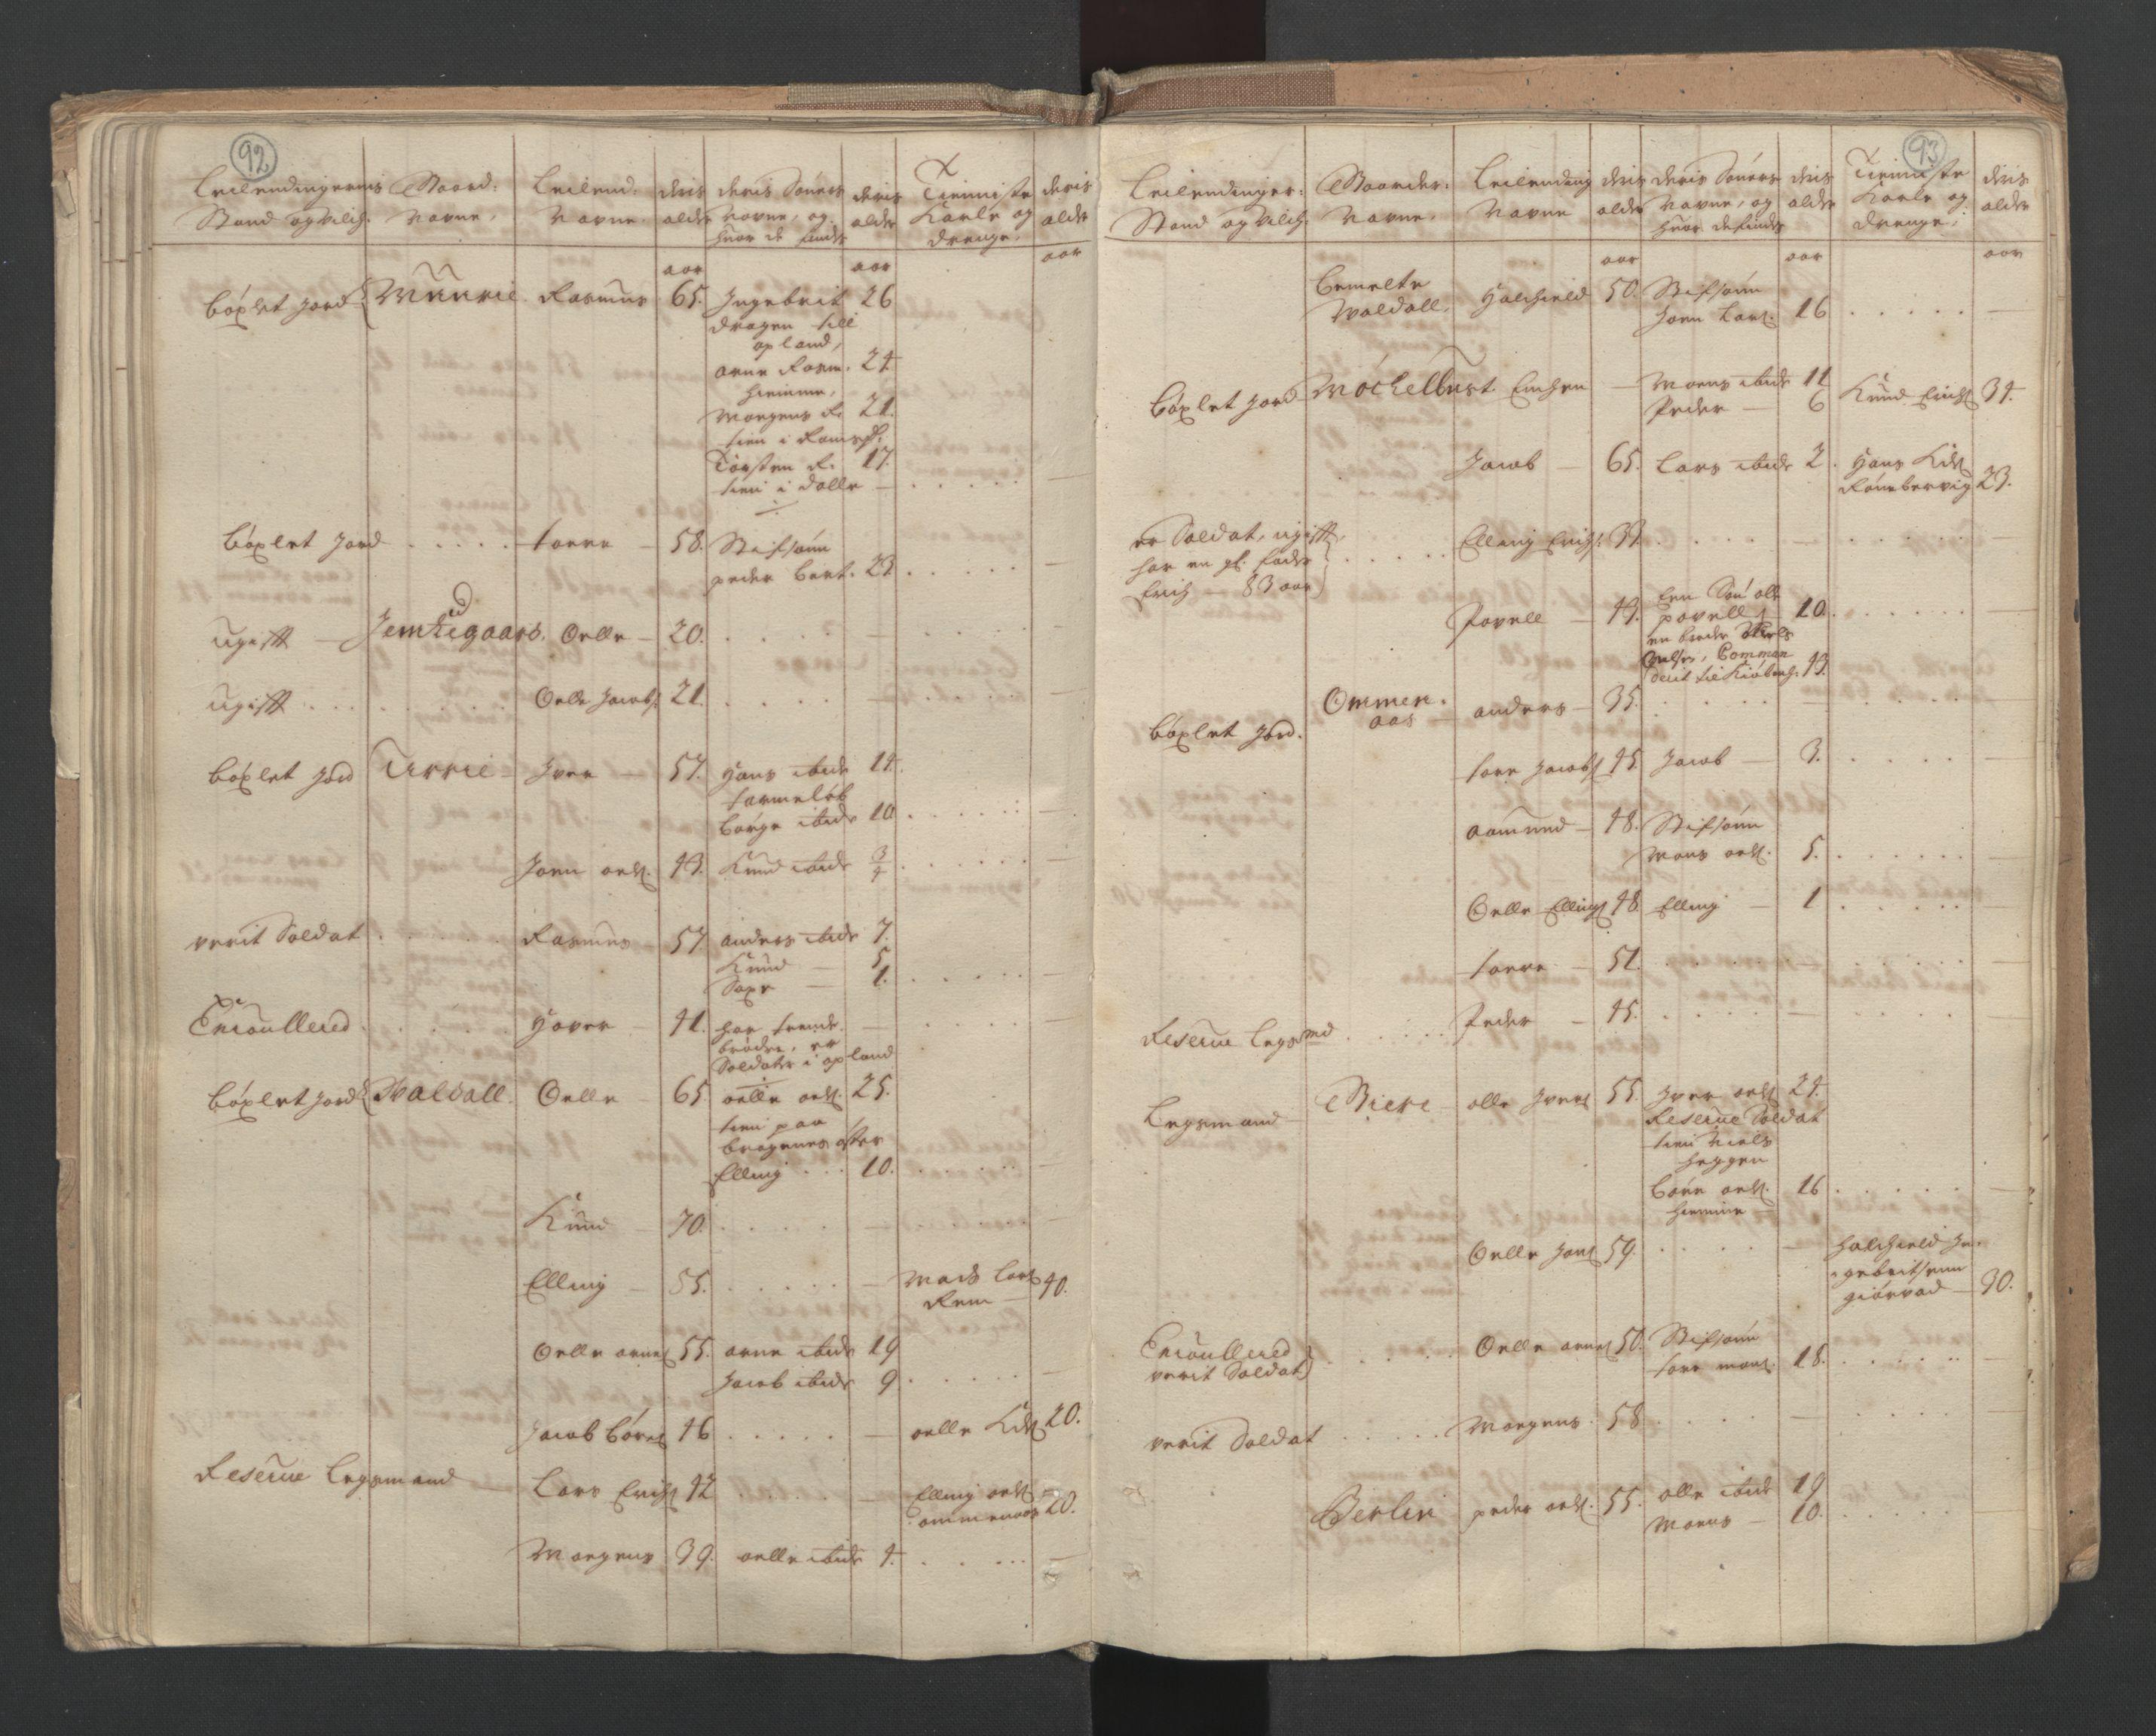 RA, Manntallet 1701, nr. 10: Sunnmøre fogderi, 1701, s. 92-93